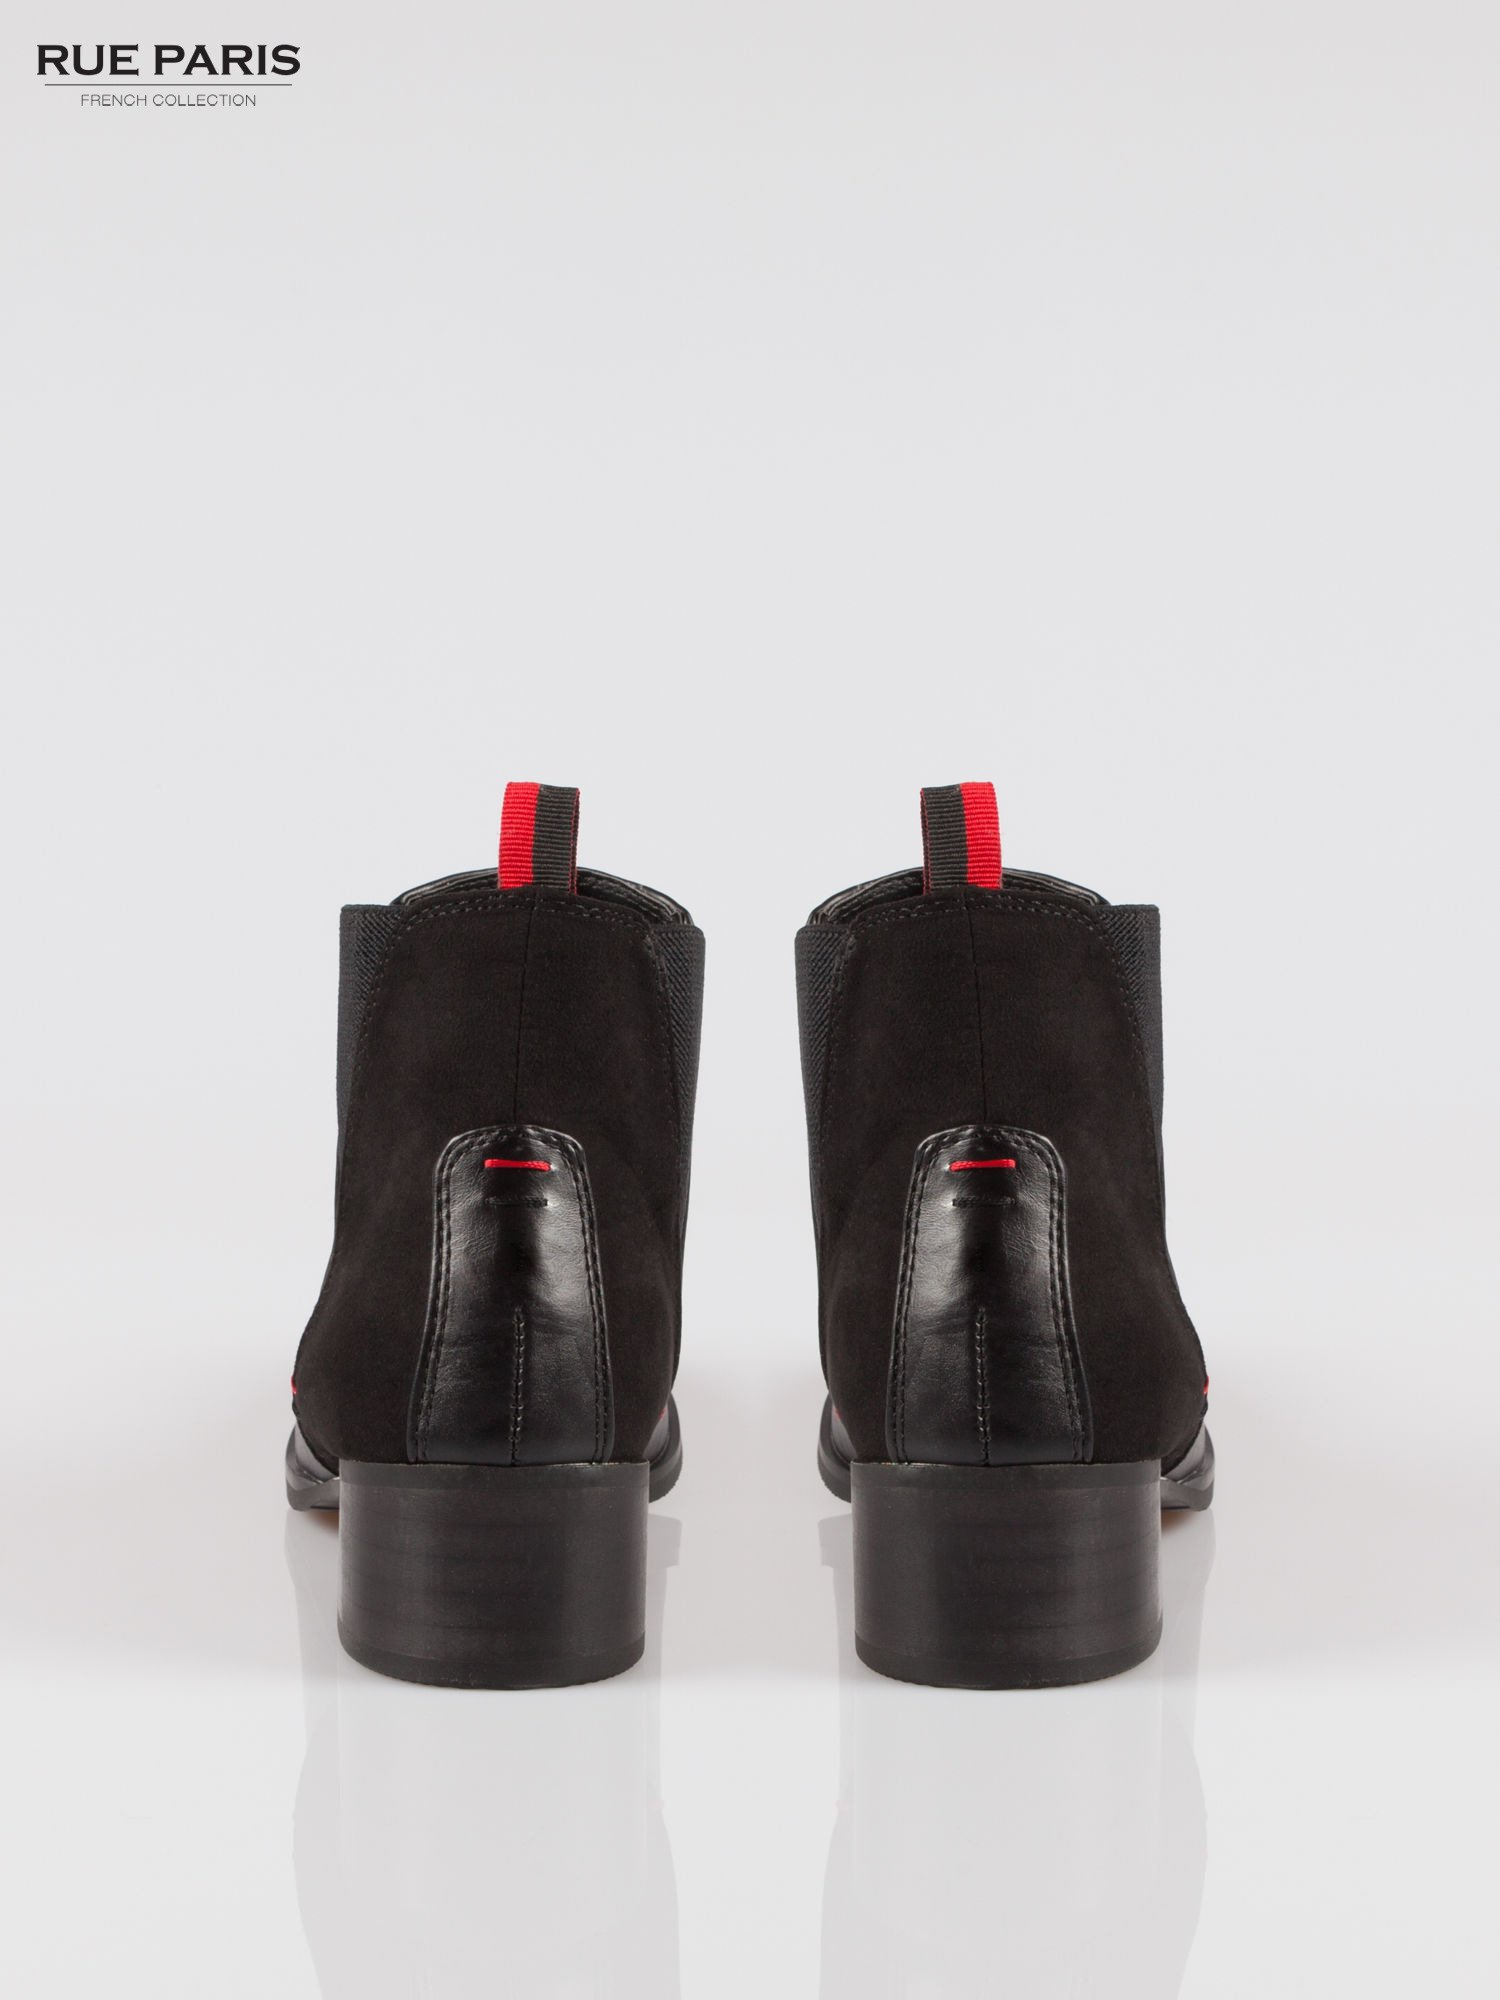 Czarne botki z trójkątną gumą po bokach cholewki                                  zdj.                                  3